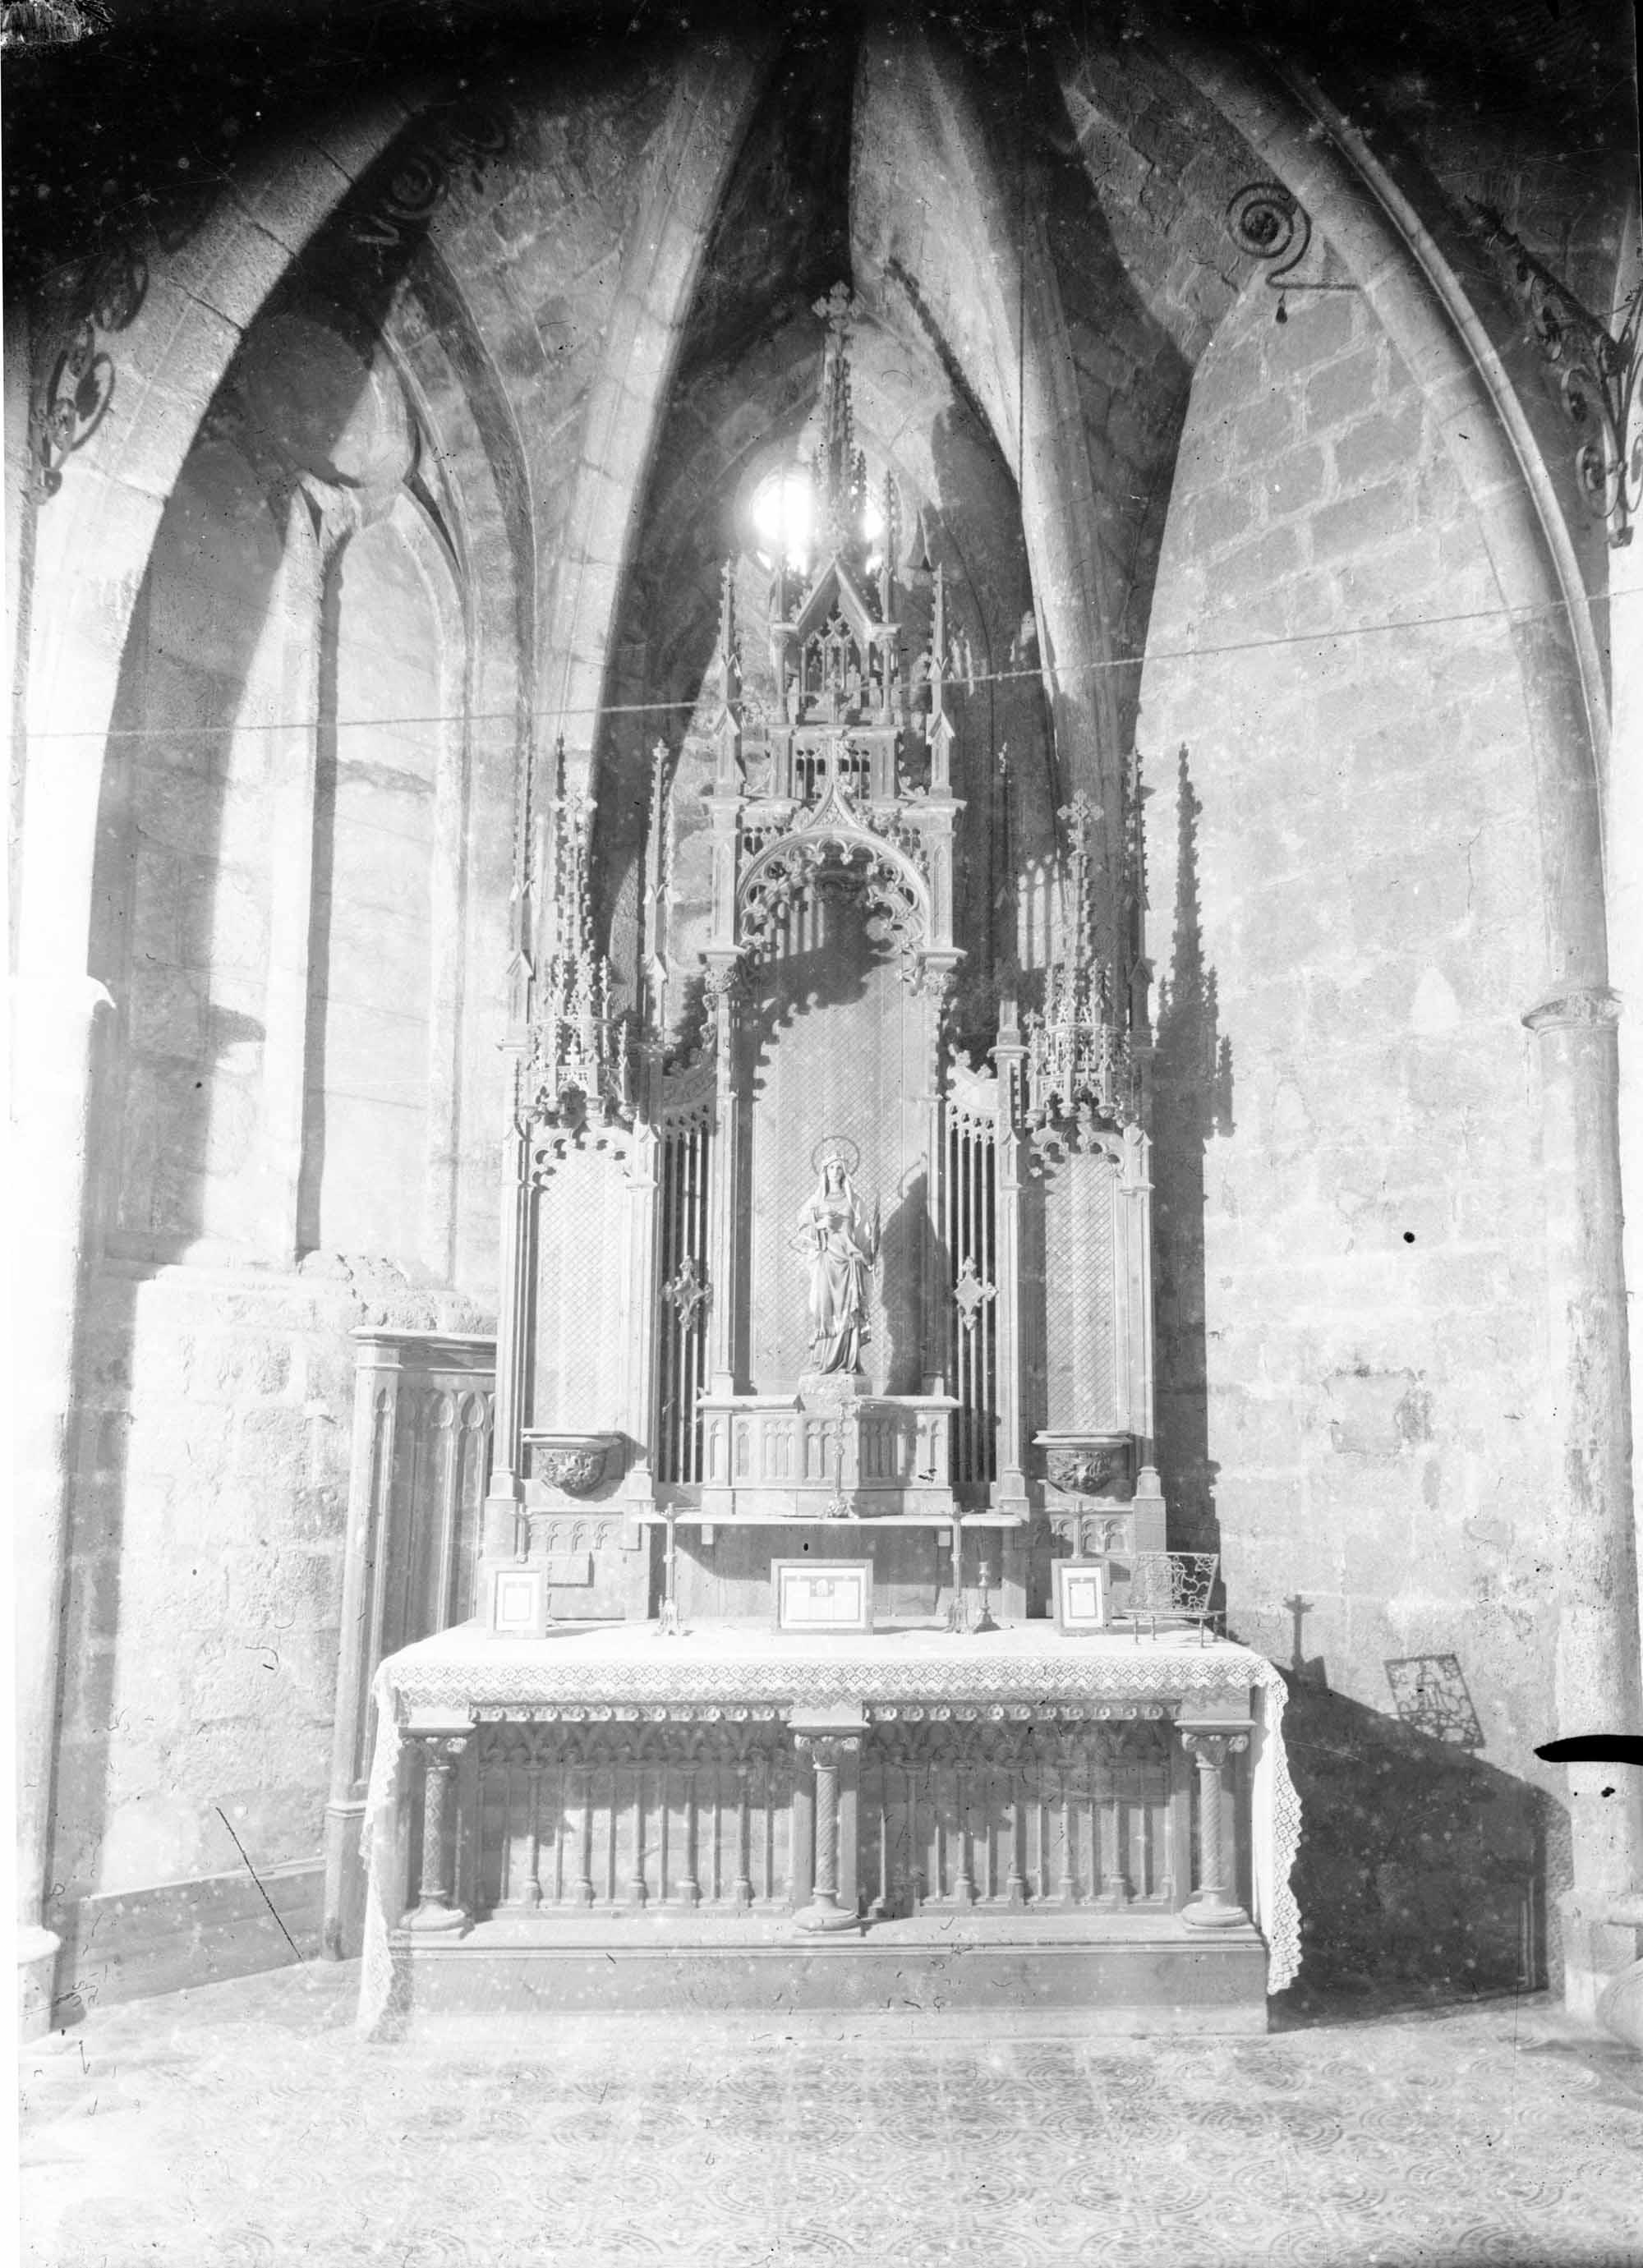 Vista general de la capella de Sant Llorenç a la basílica de Santa Maria, a Castelló d'Empúries, entre els anys 1942 i 1944 (ACGAX. Fons Sadurní Brunet Pi. Autor: Sadurní Brunet)